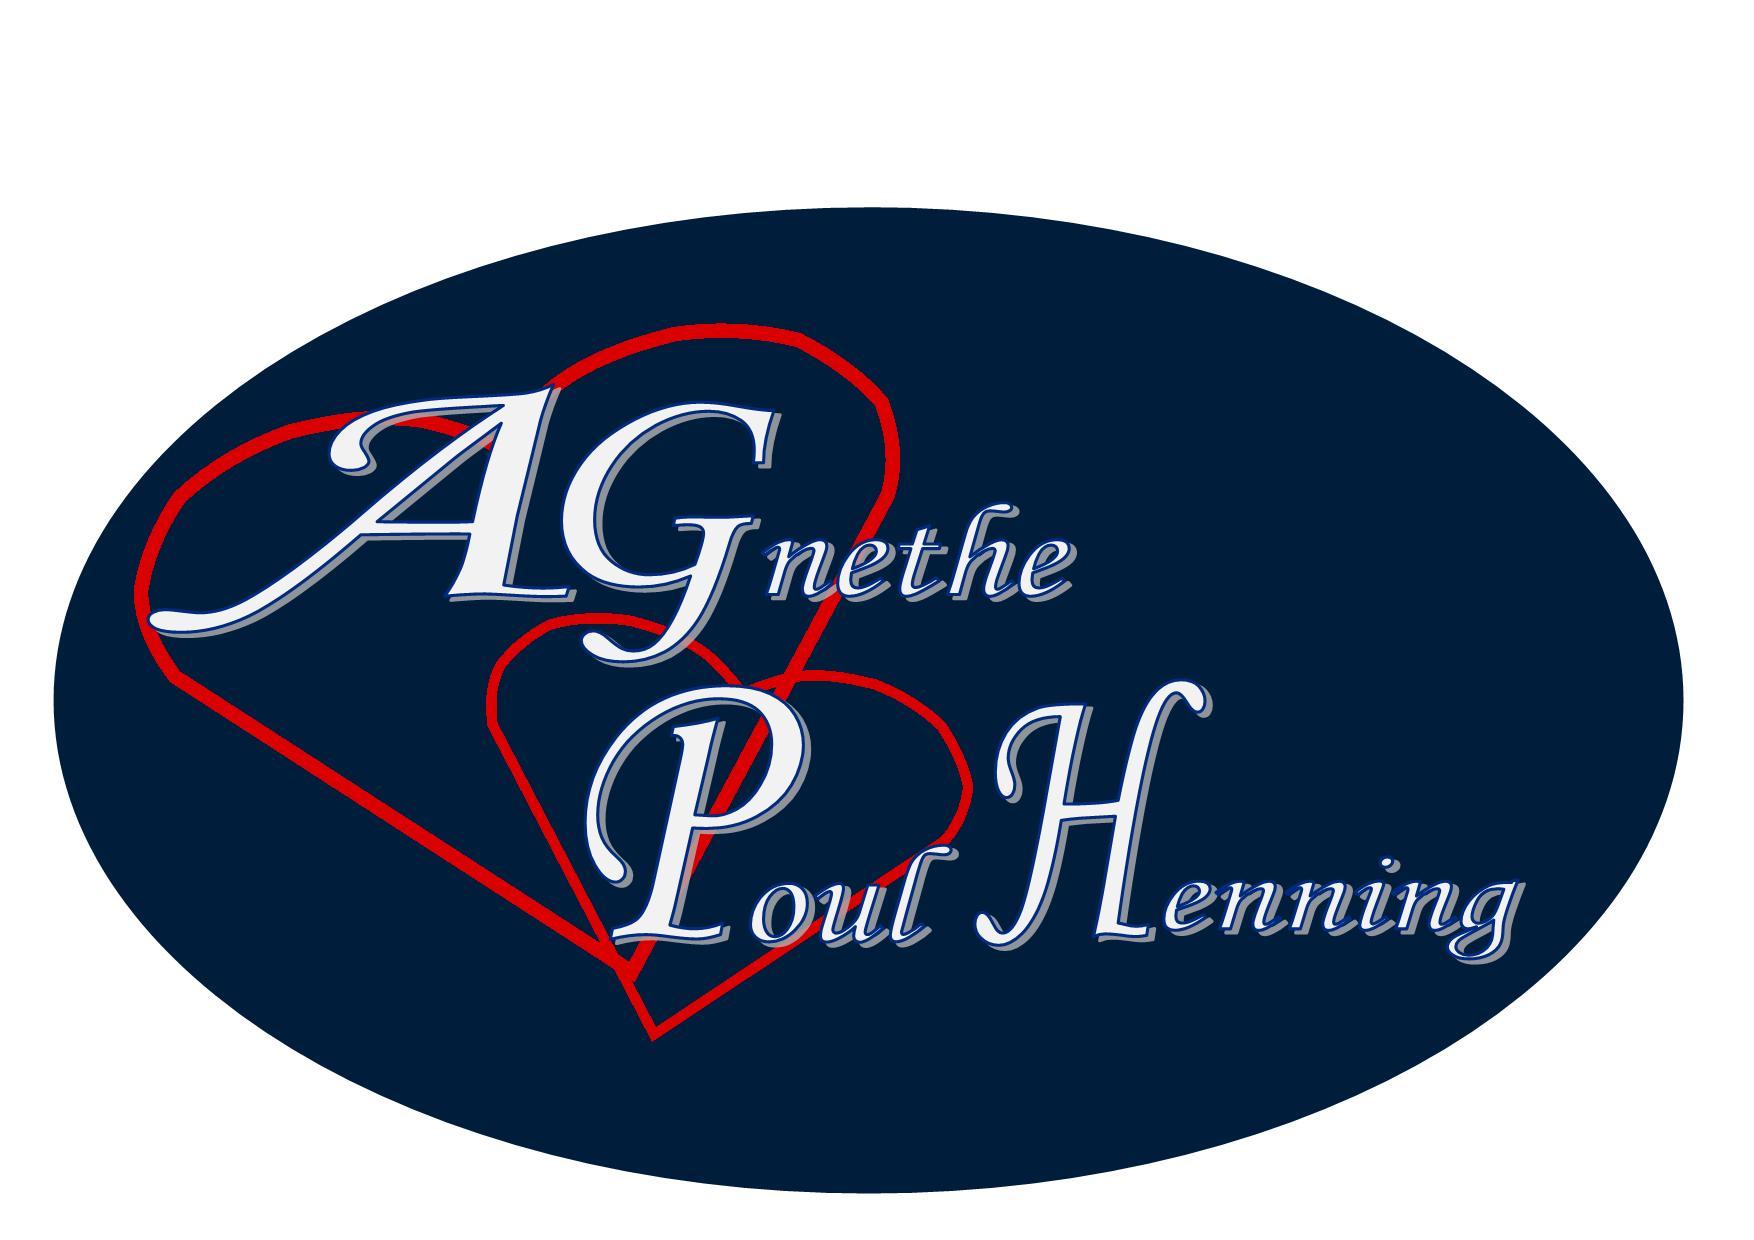 LGO Agnethe & Poul Henning